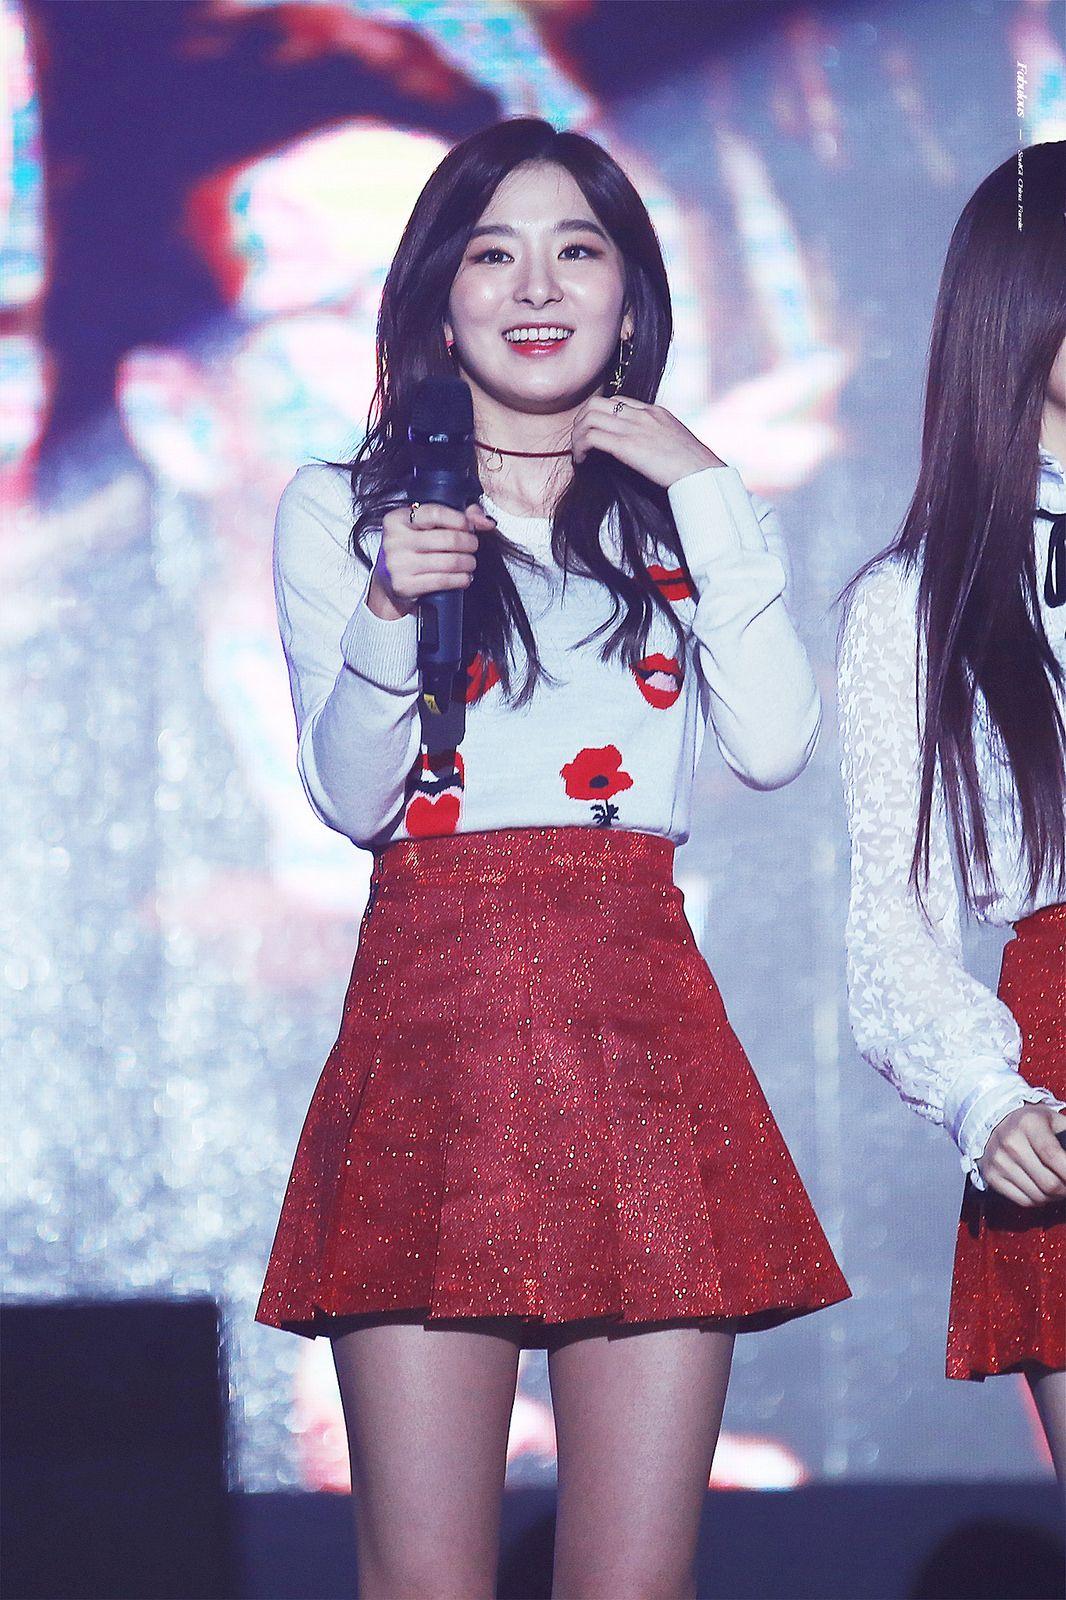 Fyeah Red Velvet Photo Red Velvet Red Velvet Seulgi Velvet Fashion